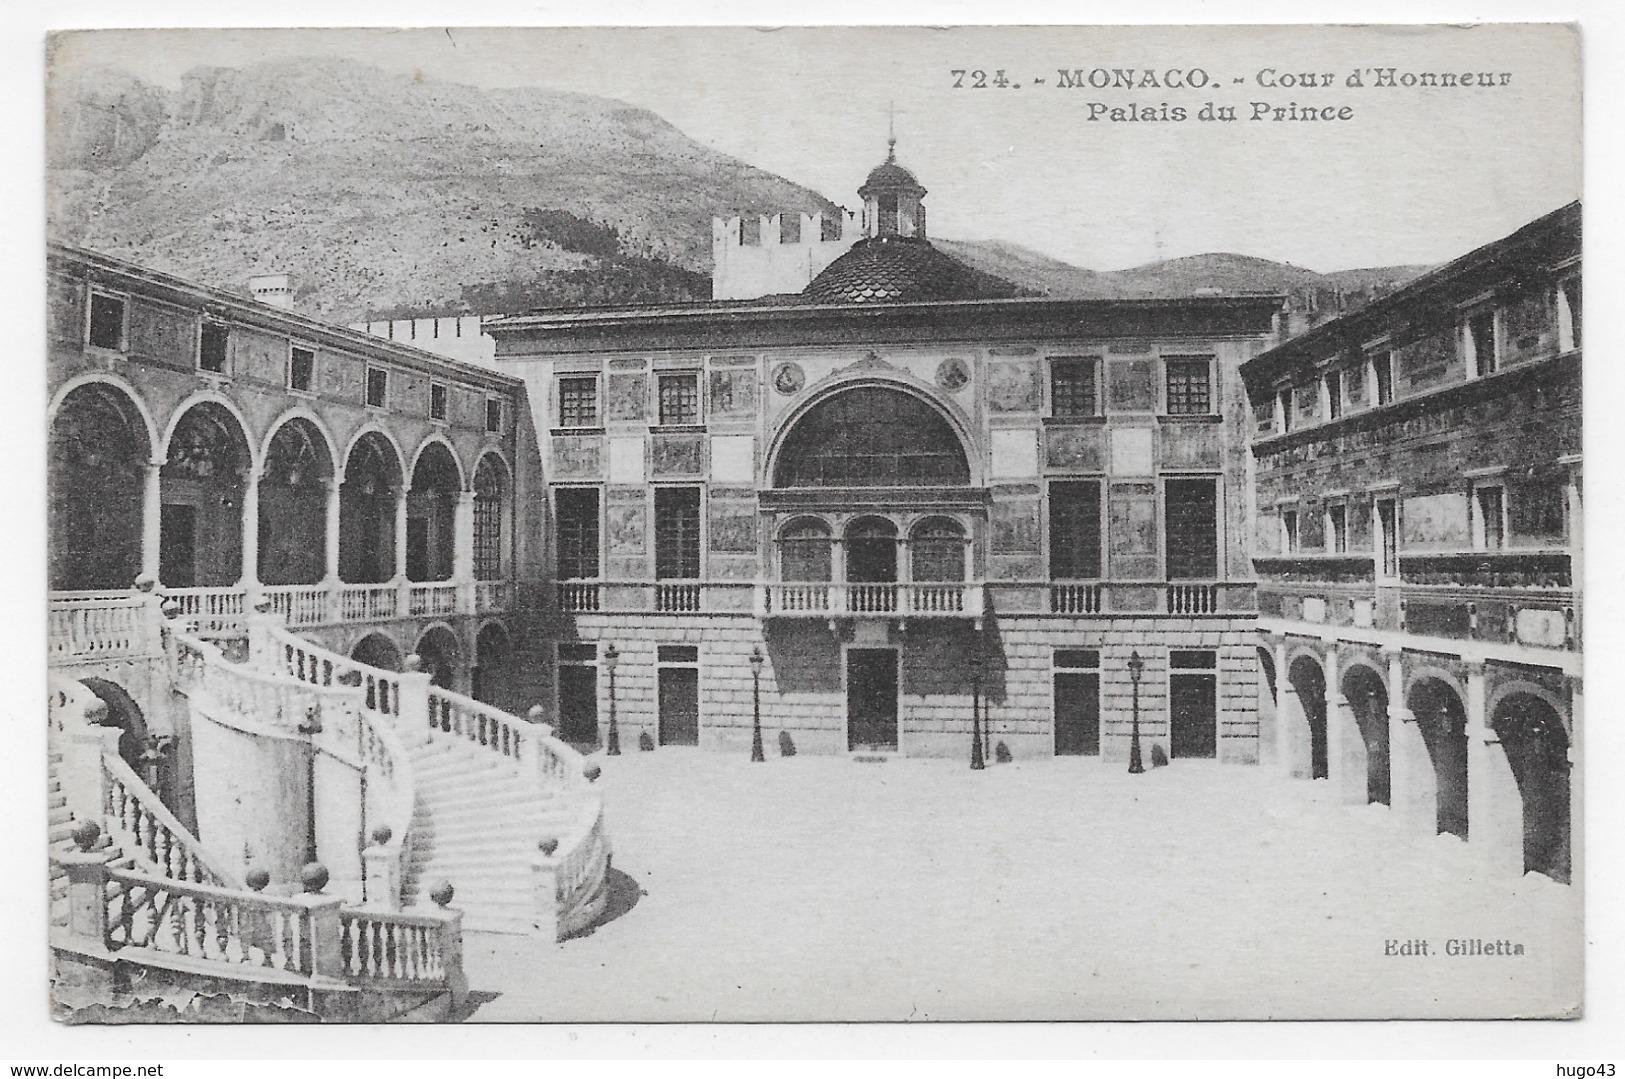 MONACO - N° 724 - COUR D' HONNEUR - PALAIS DU PRINCE - CPA NON VOYAGEE - Prince's Palace